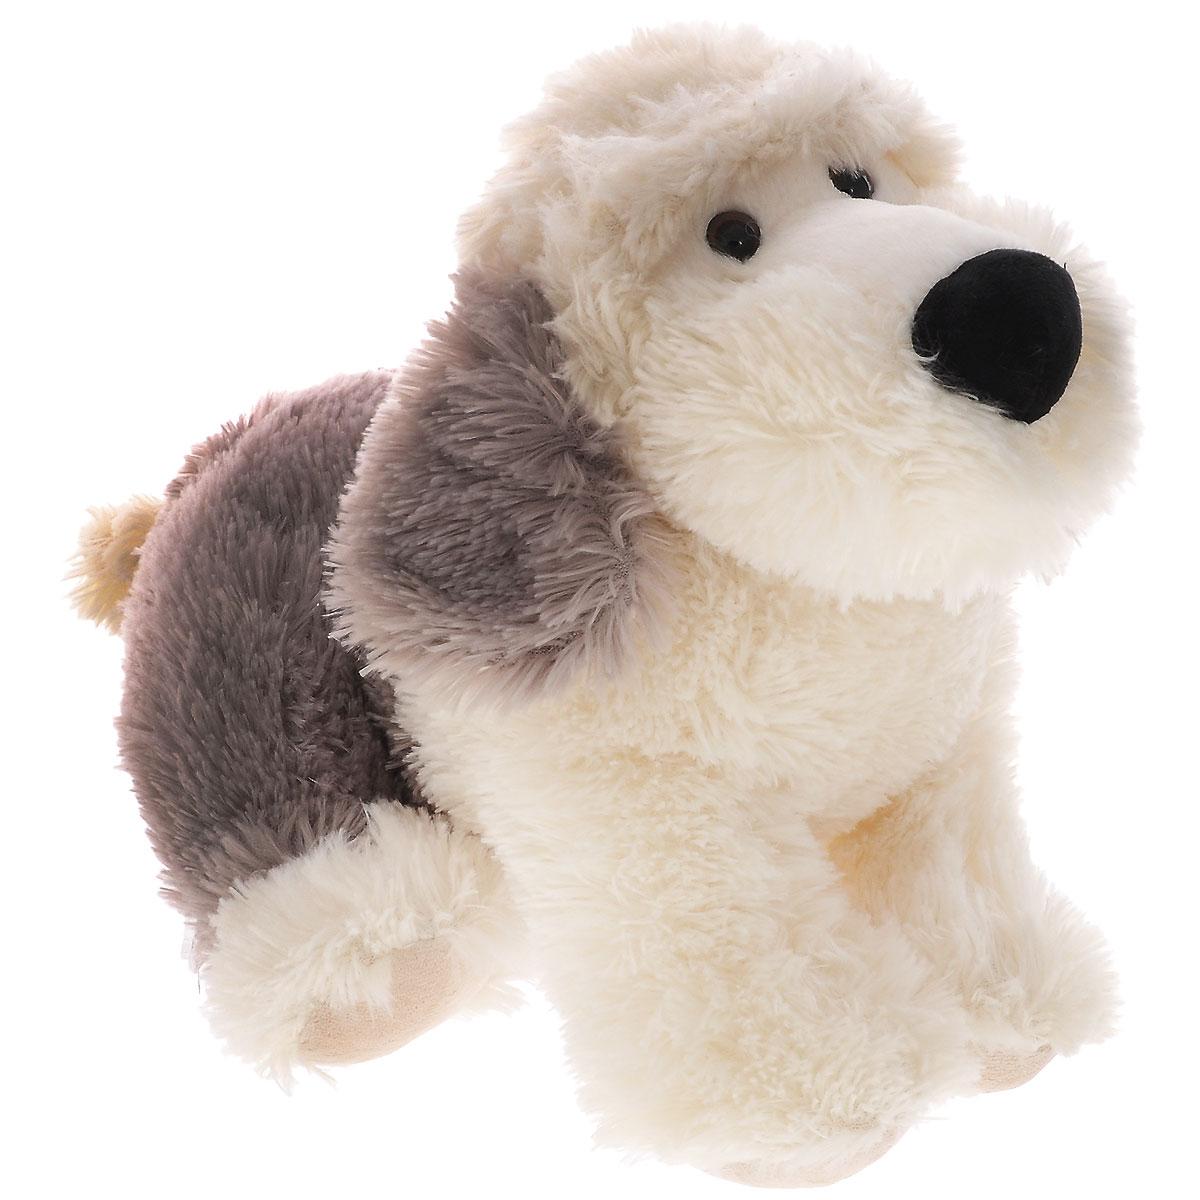 Мягкая игрушка Plush Apple Собака Шарик, 28 смK03108AМягкая игрушка Plush Apple Собака Шарик станет лучшим другом для любого ребенка. Игрушка изготовлена из безопасных, приятных на ощупь текстильных материалов в виде очаровательной собаки. Глазки выполнены их пластика. Удивительно мягкая игрушка принесет радость и подарит своему обладателю мгновения нежных объятий и приятных воспоминаний.